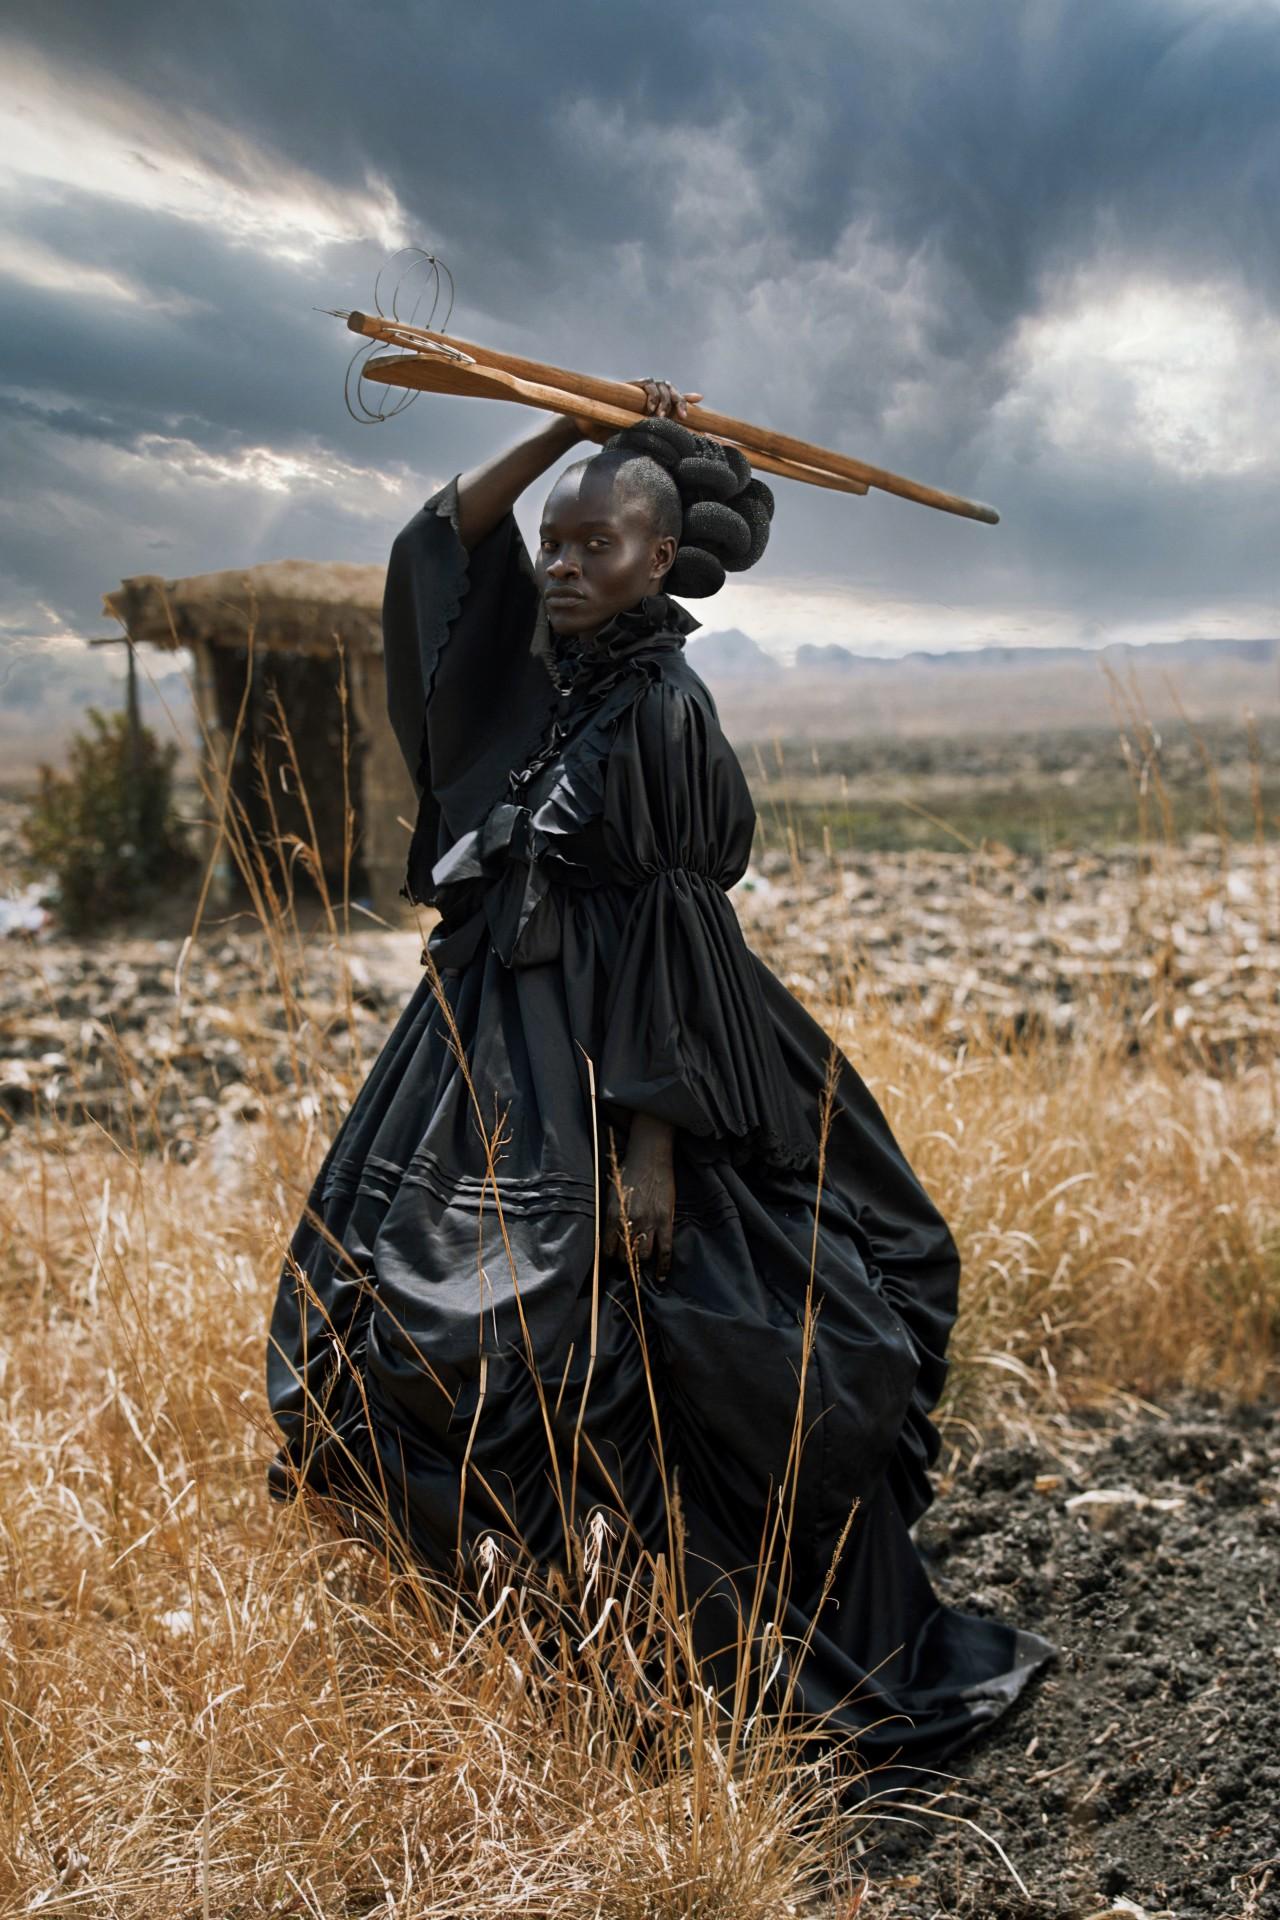 «Фотограф года» в «Открытой» номинации и 1 место в категории «Креатив», 2021. «Африканская Виктория». Автор Тамари Кудиту